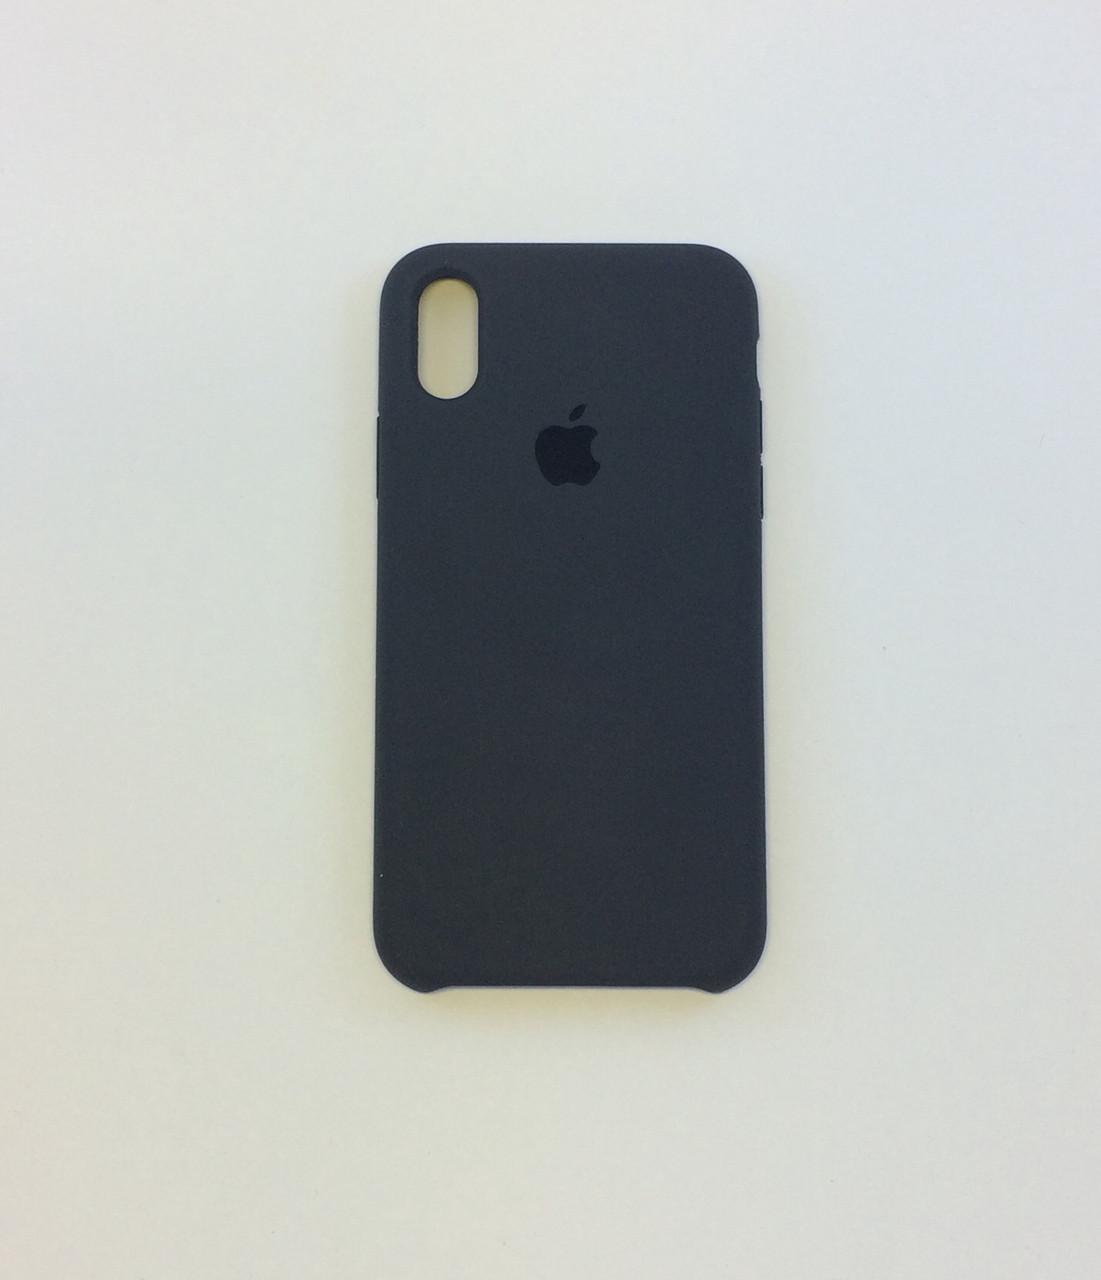 Силиконовый чехол iPhone X / Xs, мокрая галька, copy original